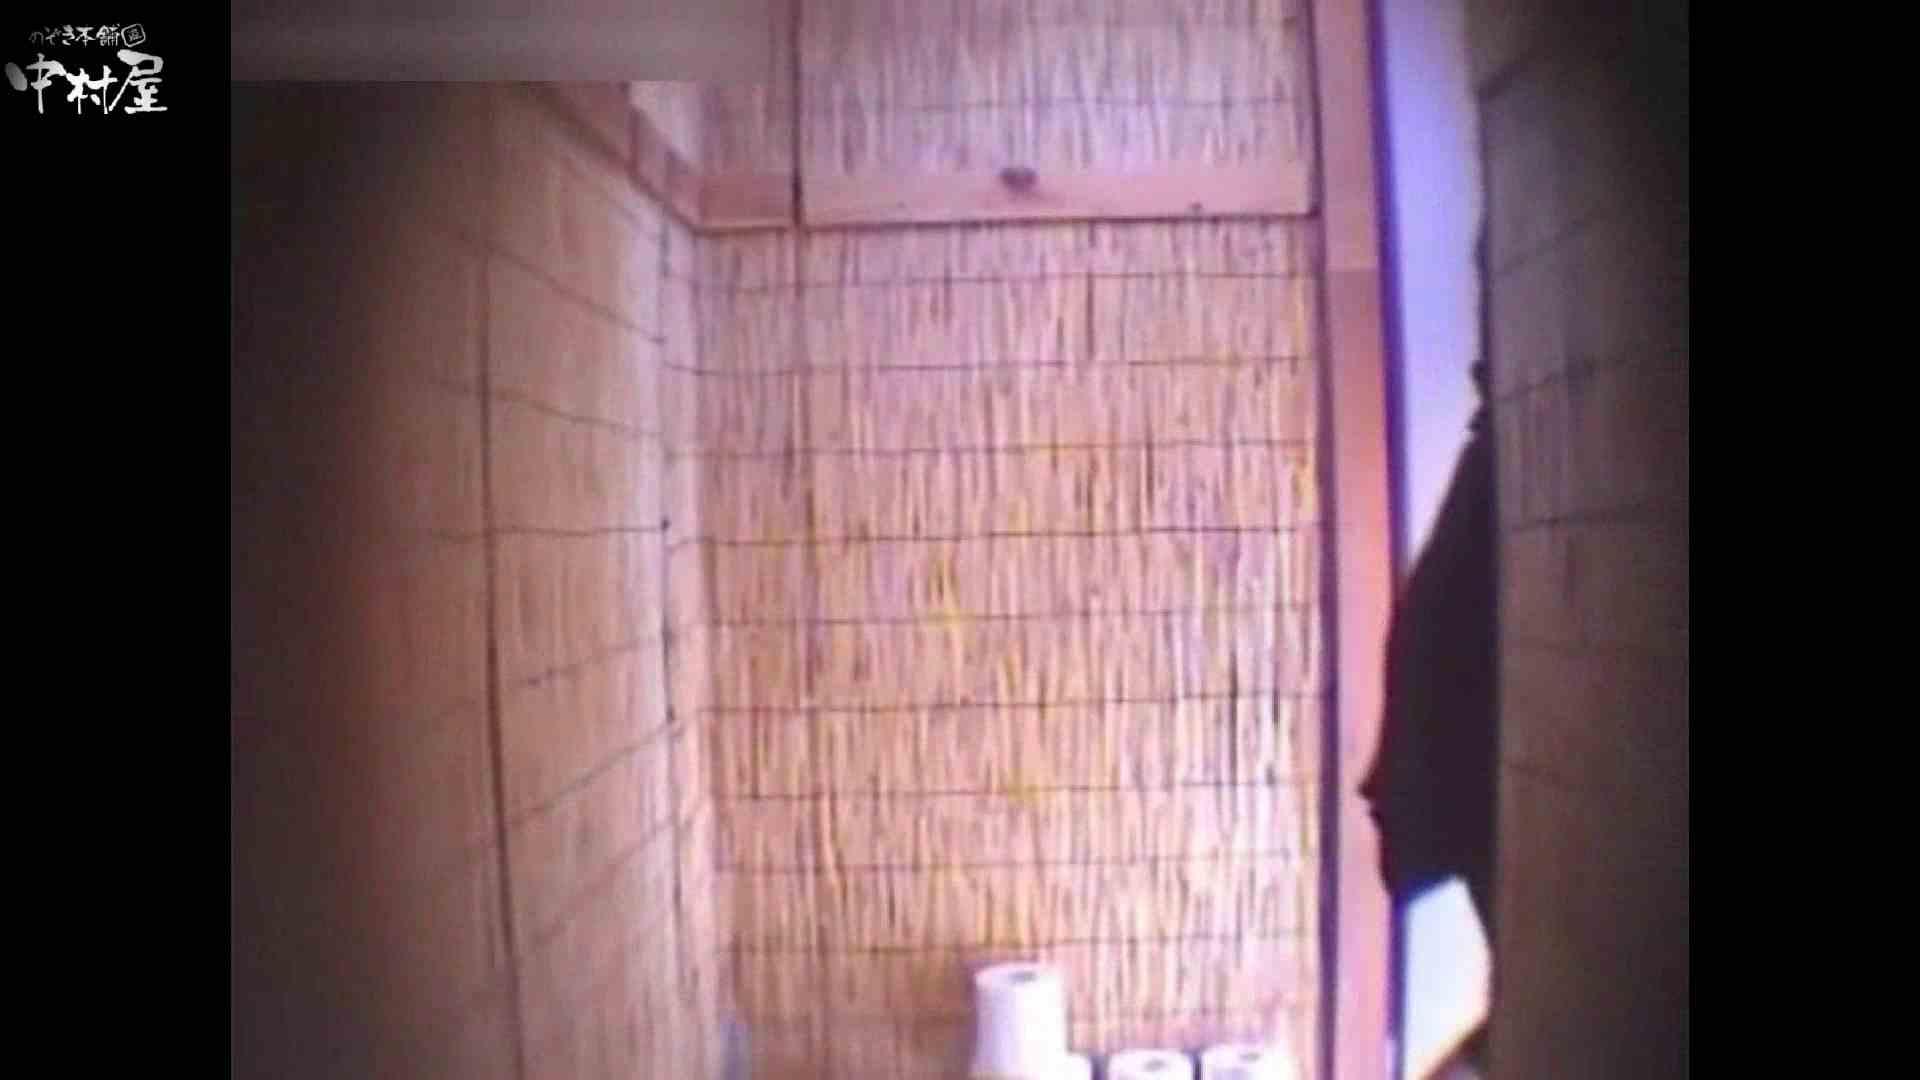 解禁!海の家4カメ洗面所vol.50 人気シリーズ 盗み撮りAV無料動画キャプチャ 101PICs 43